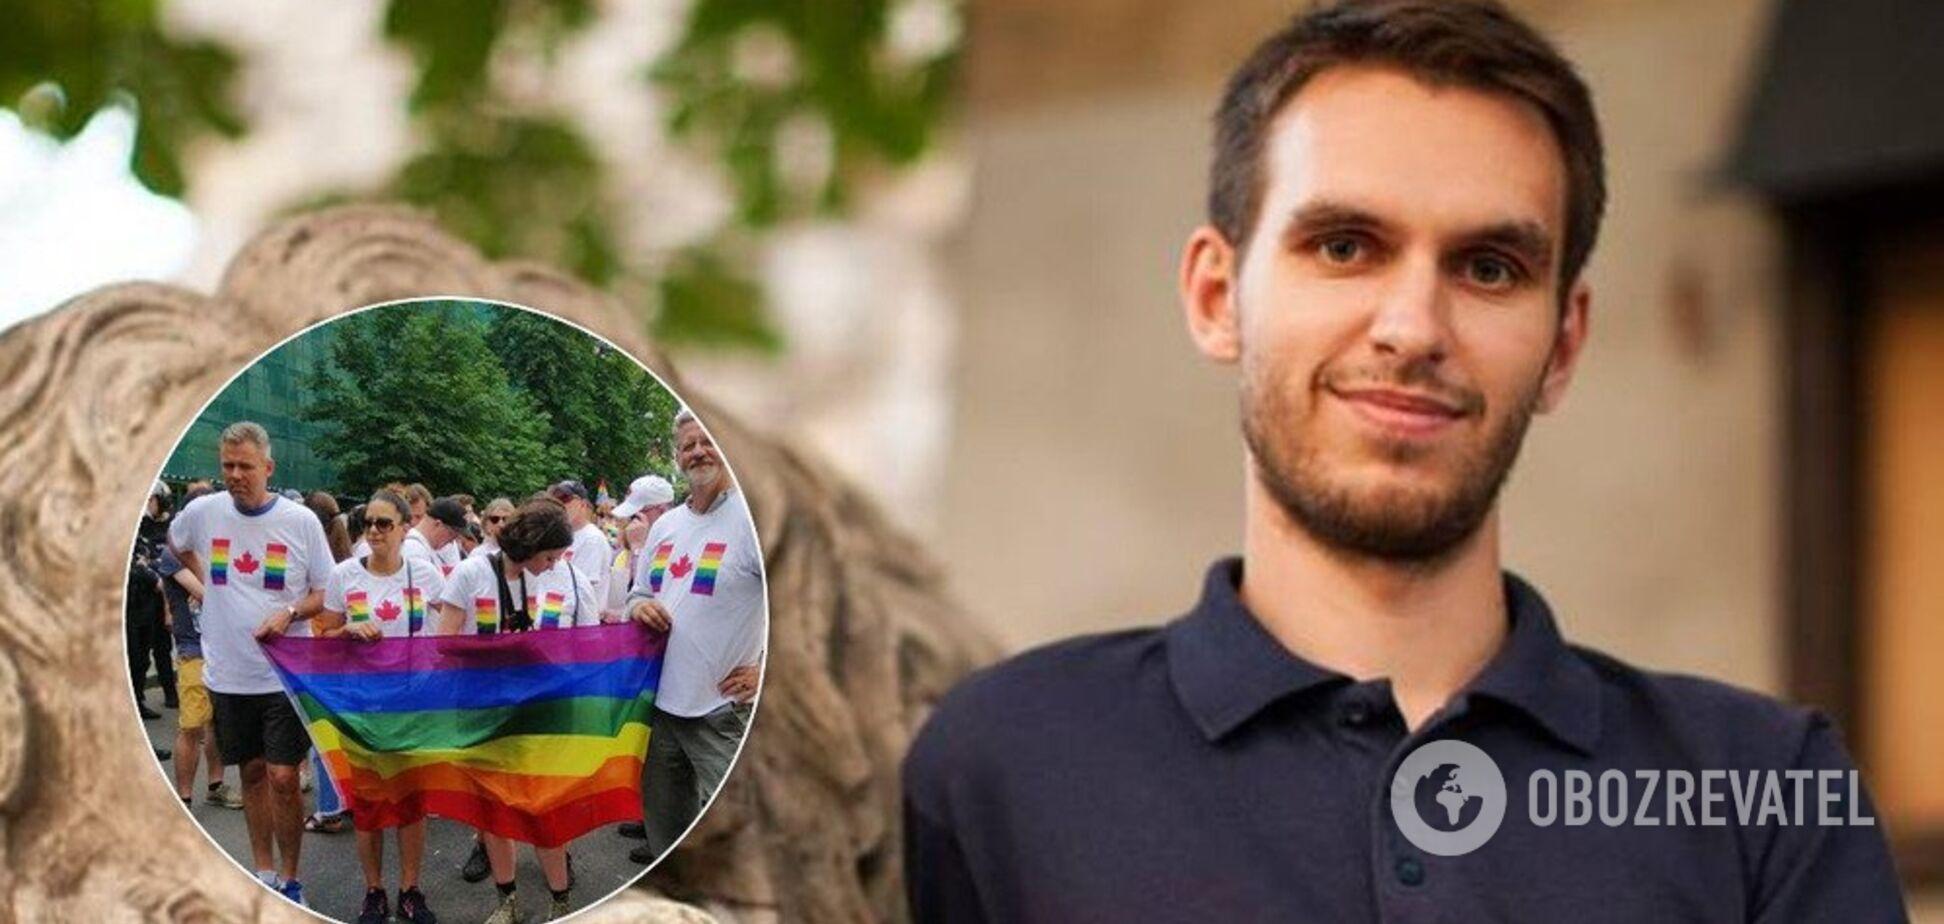 Заммэра Сум оскандалился из-за концлагеря для ЛГБТ: в дело вмешалась прокуратура